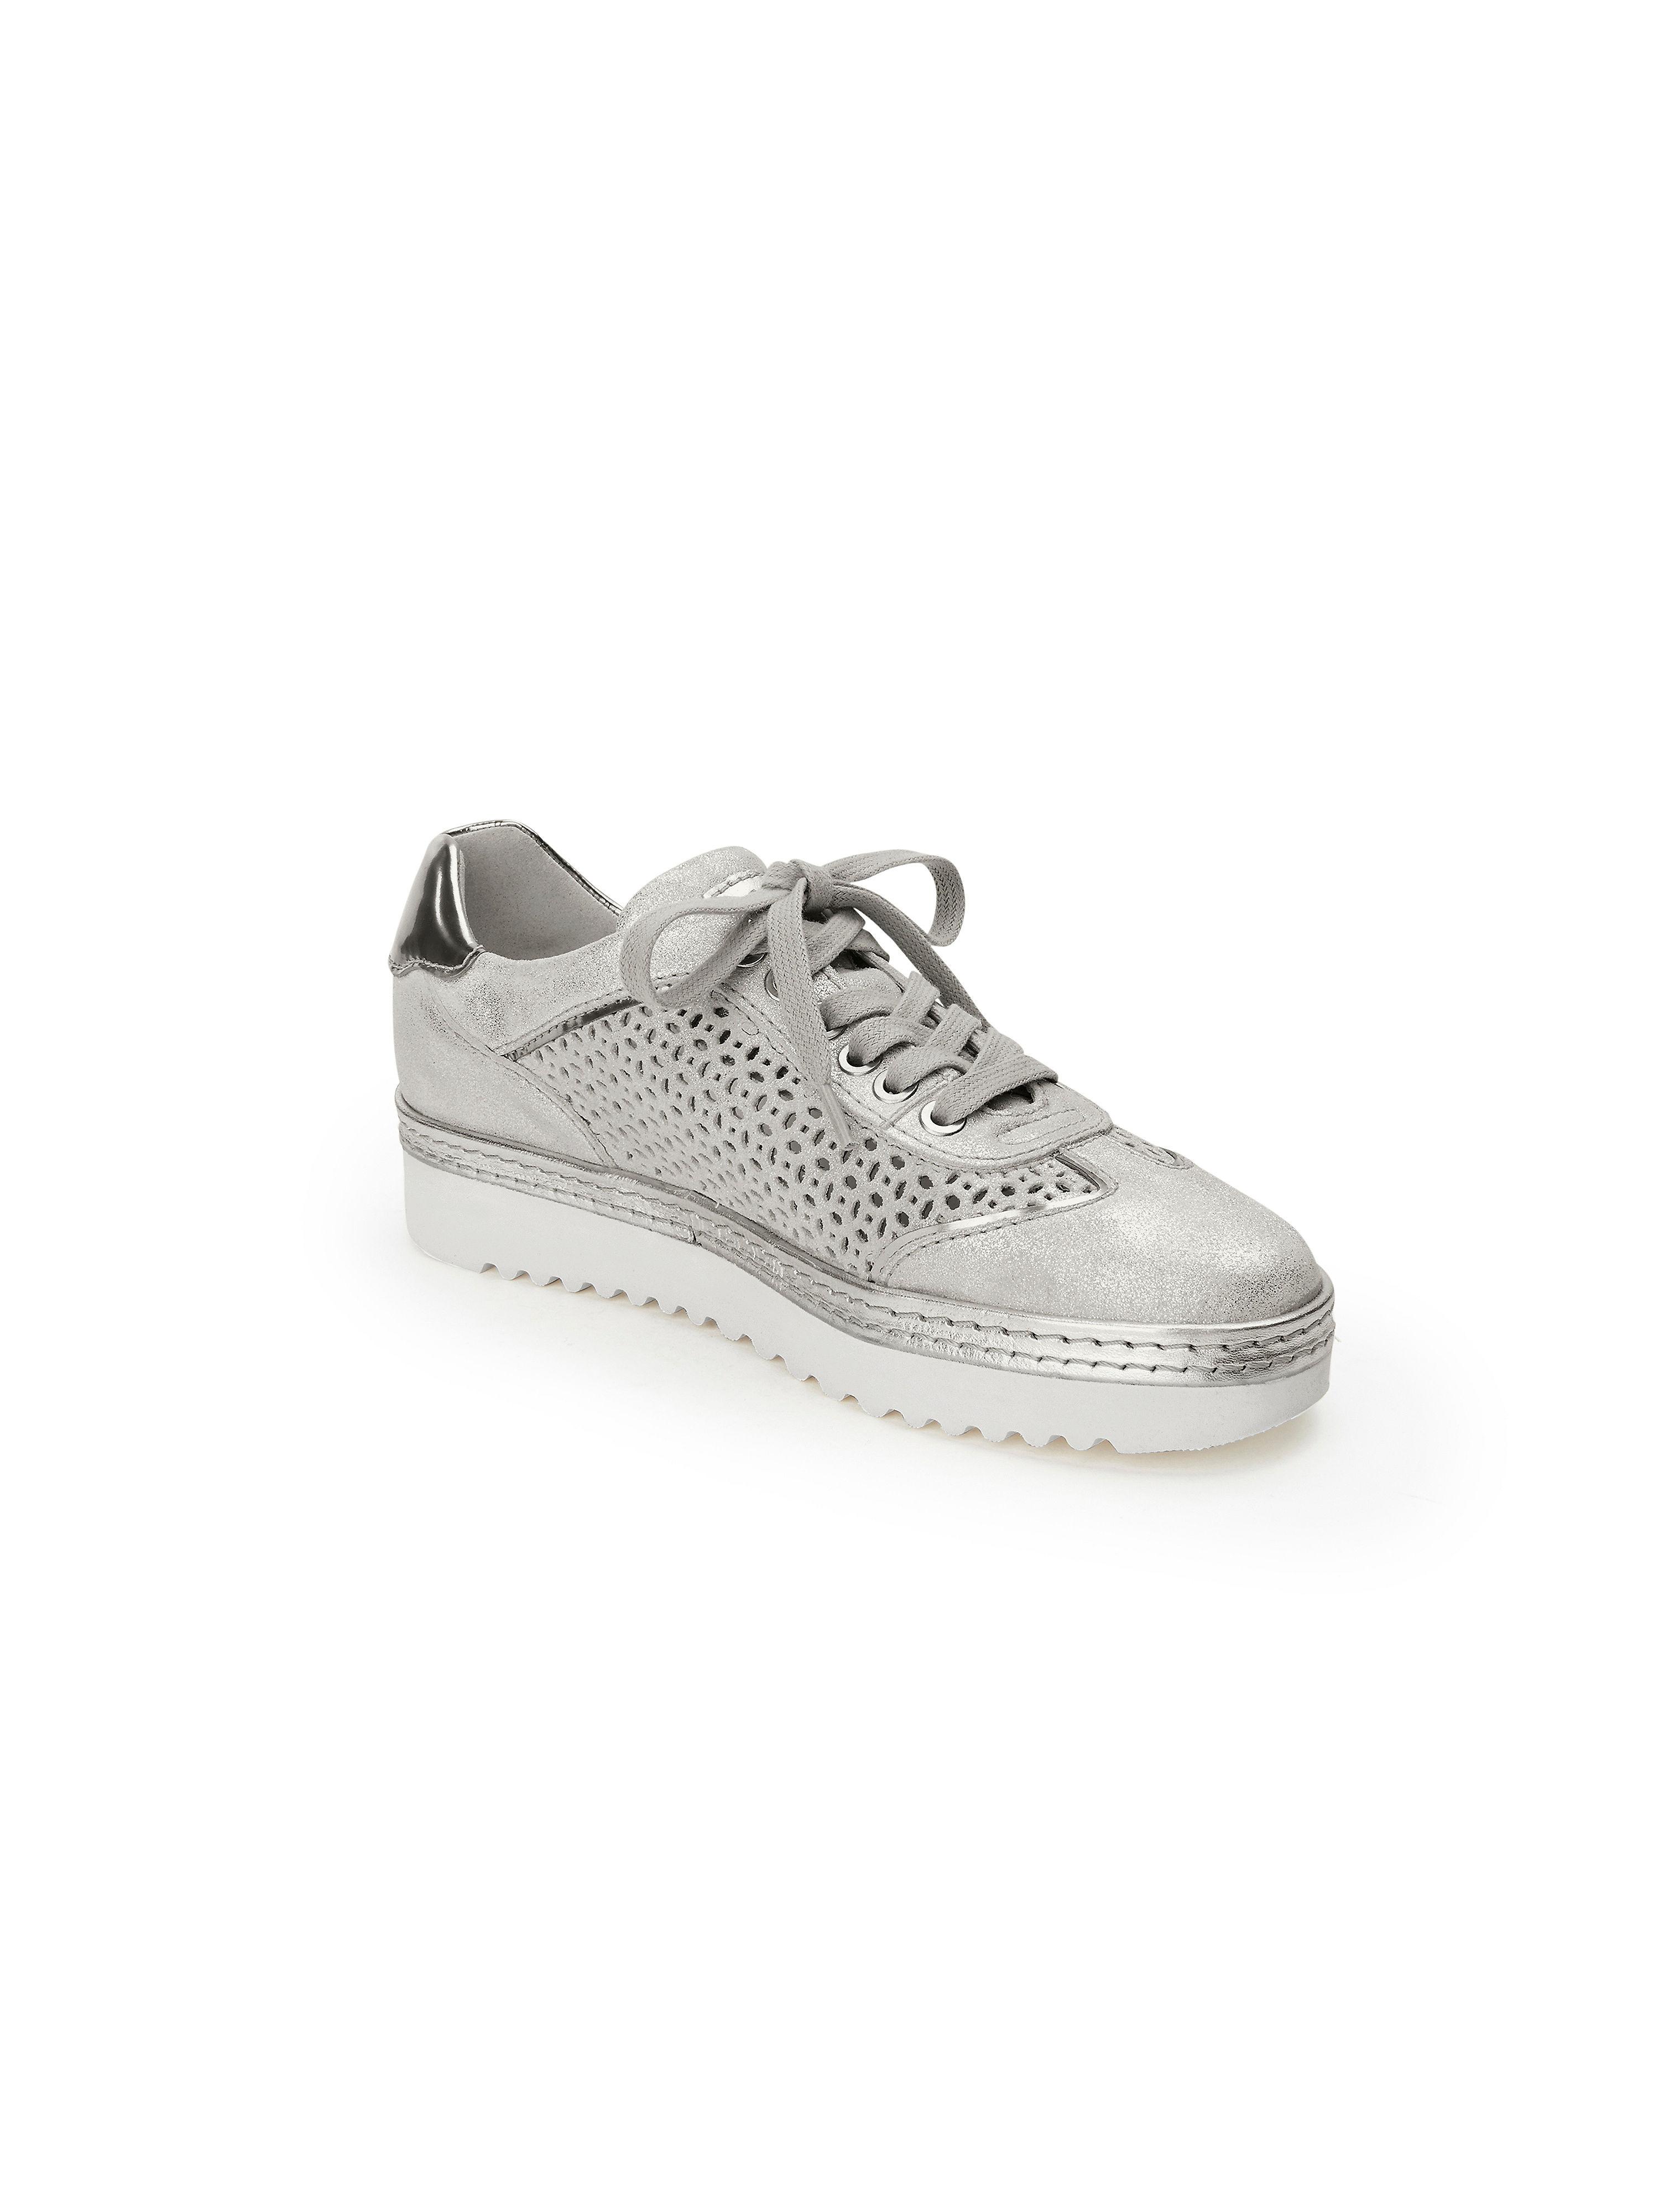 Sioux - Sneaker Oxiria aus 100% Leder - Silber-Metallic Gute Qualität beliebte Schuhe